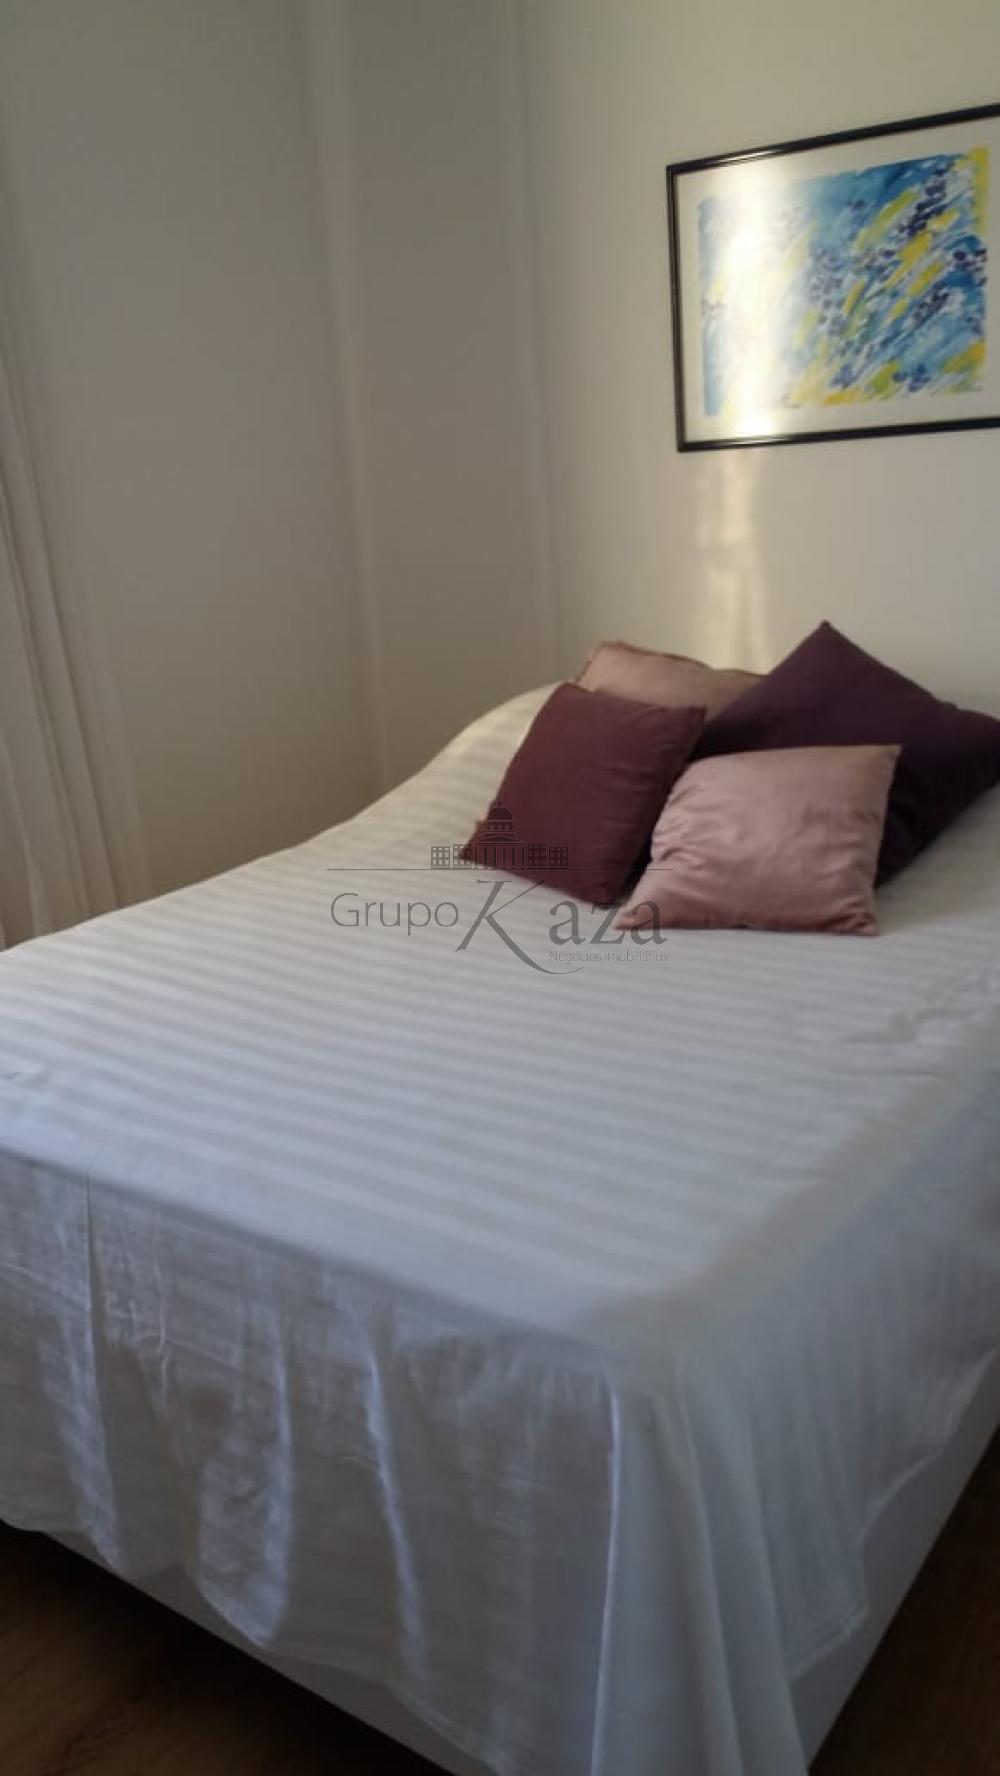 Comprar Apartamento / Padrão em São José dos Campos R$ 450.000,00 - Foto 3